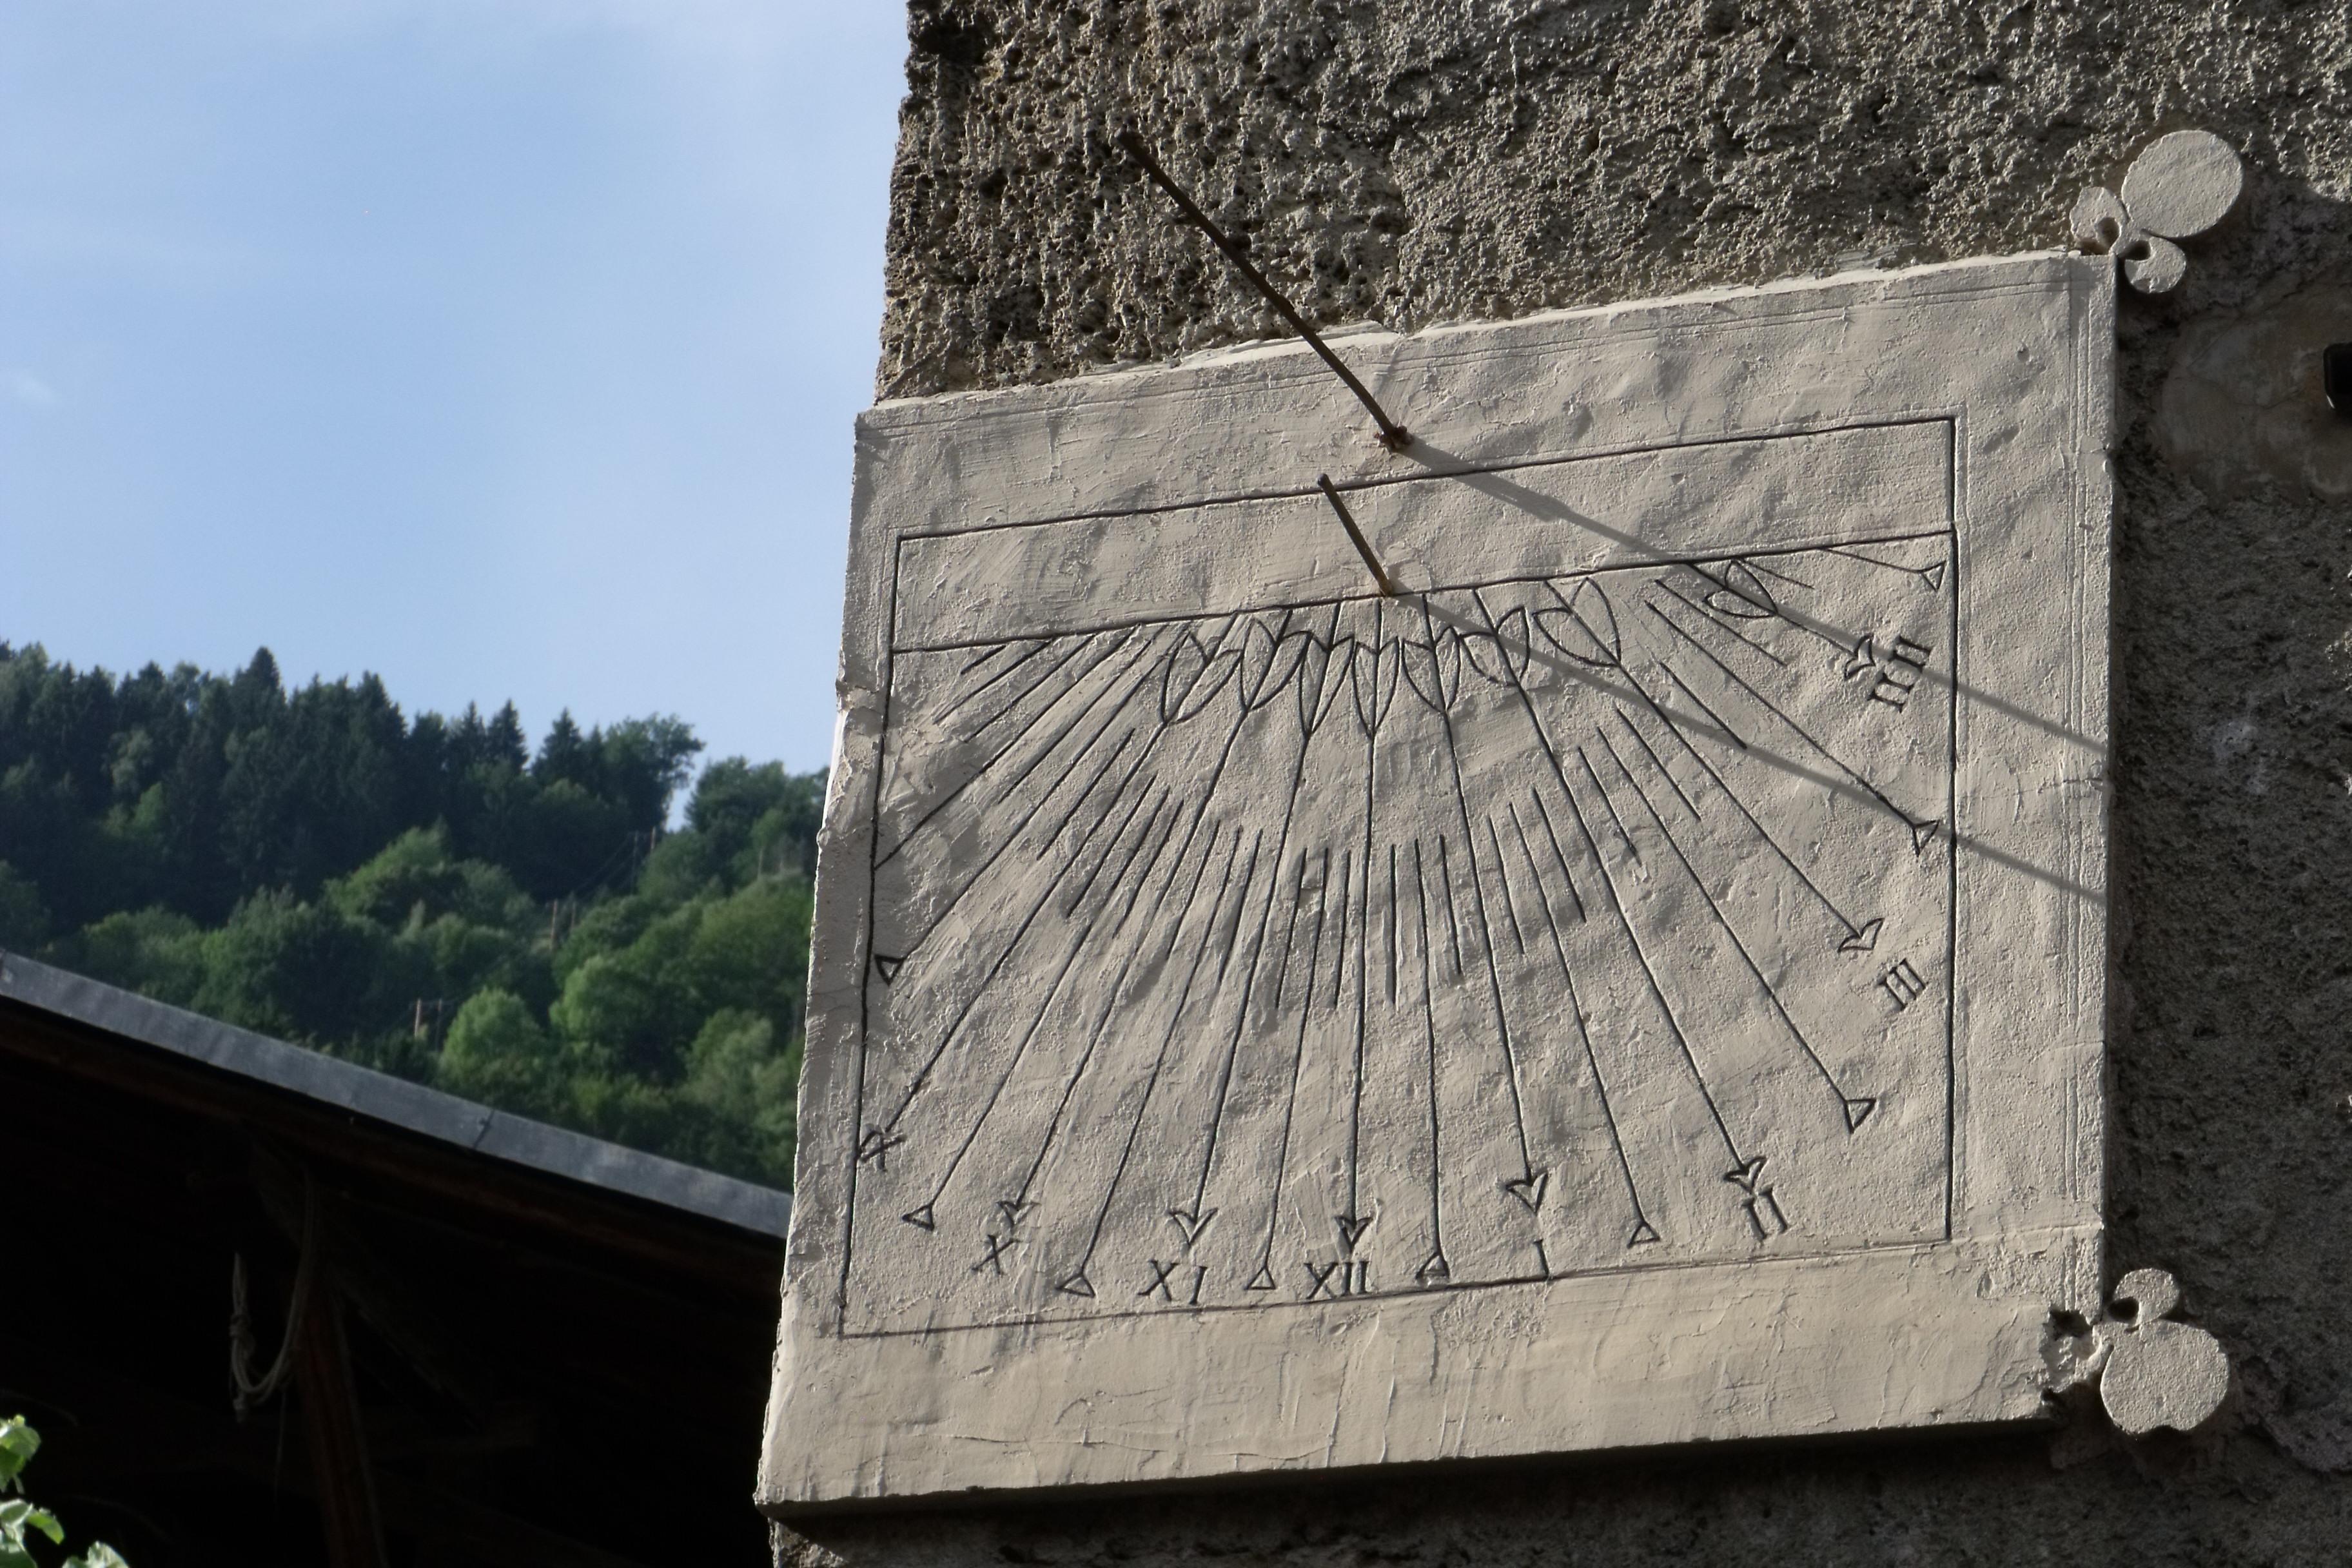 Villard-sur-Doron, cadran solaire - © D.Dereani, Fondation Facim